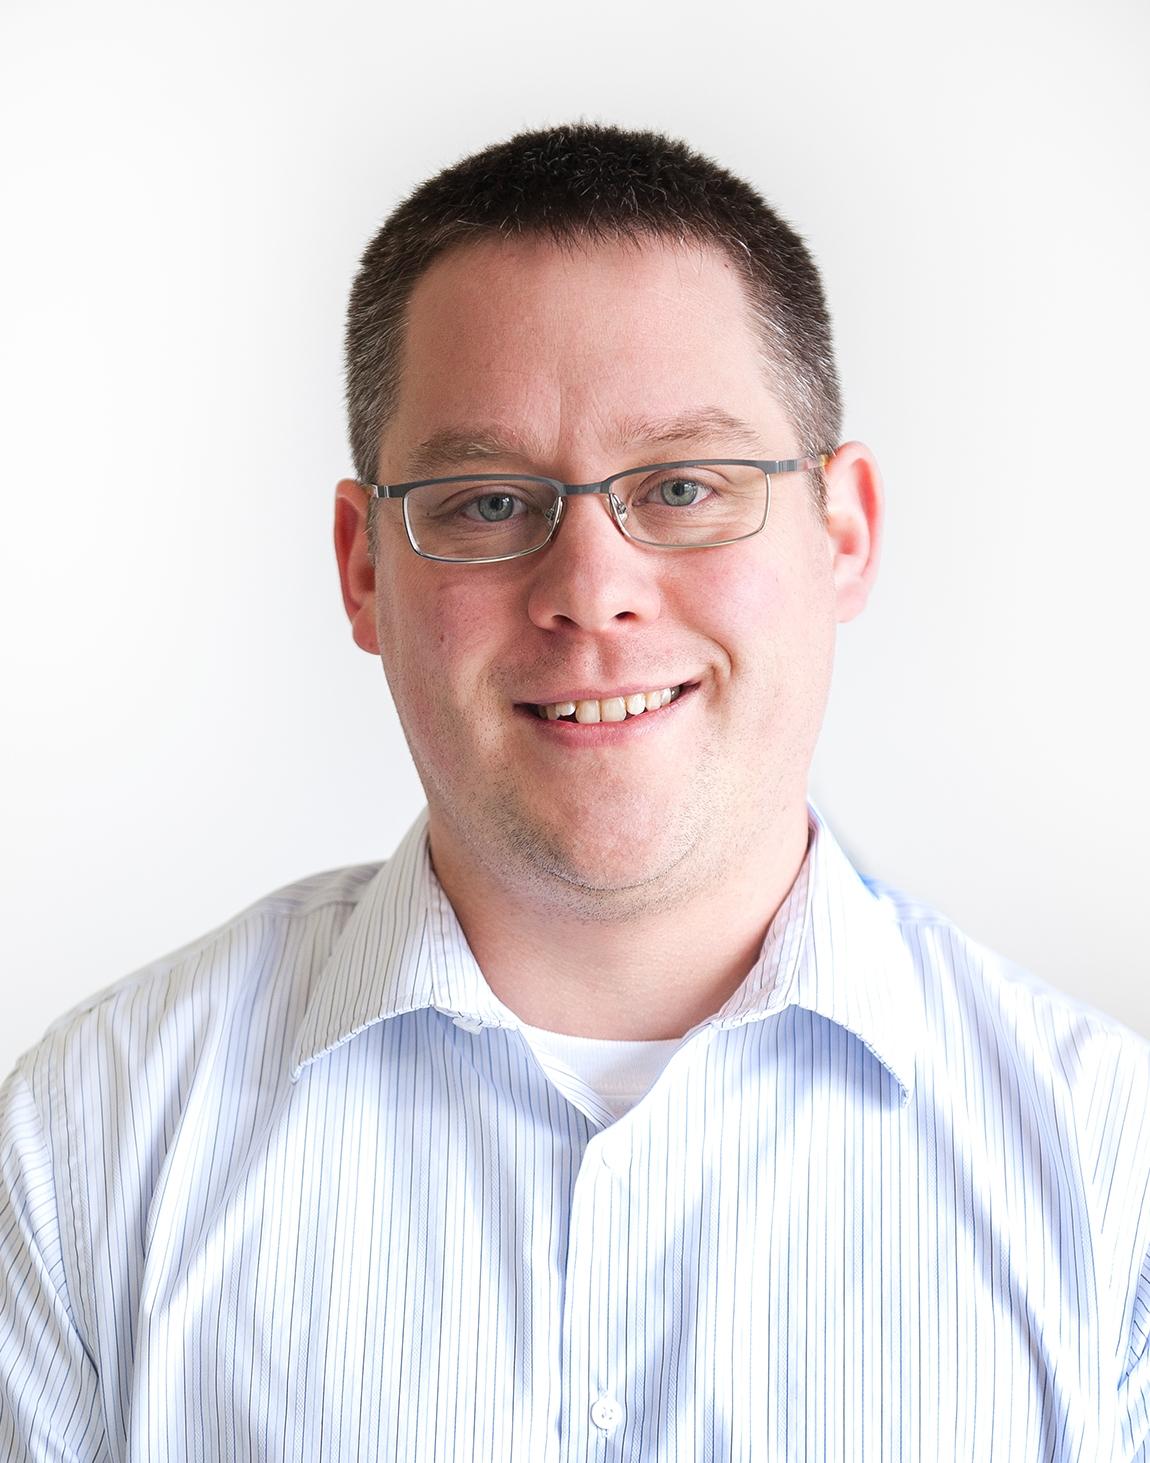 Brian McKeiver